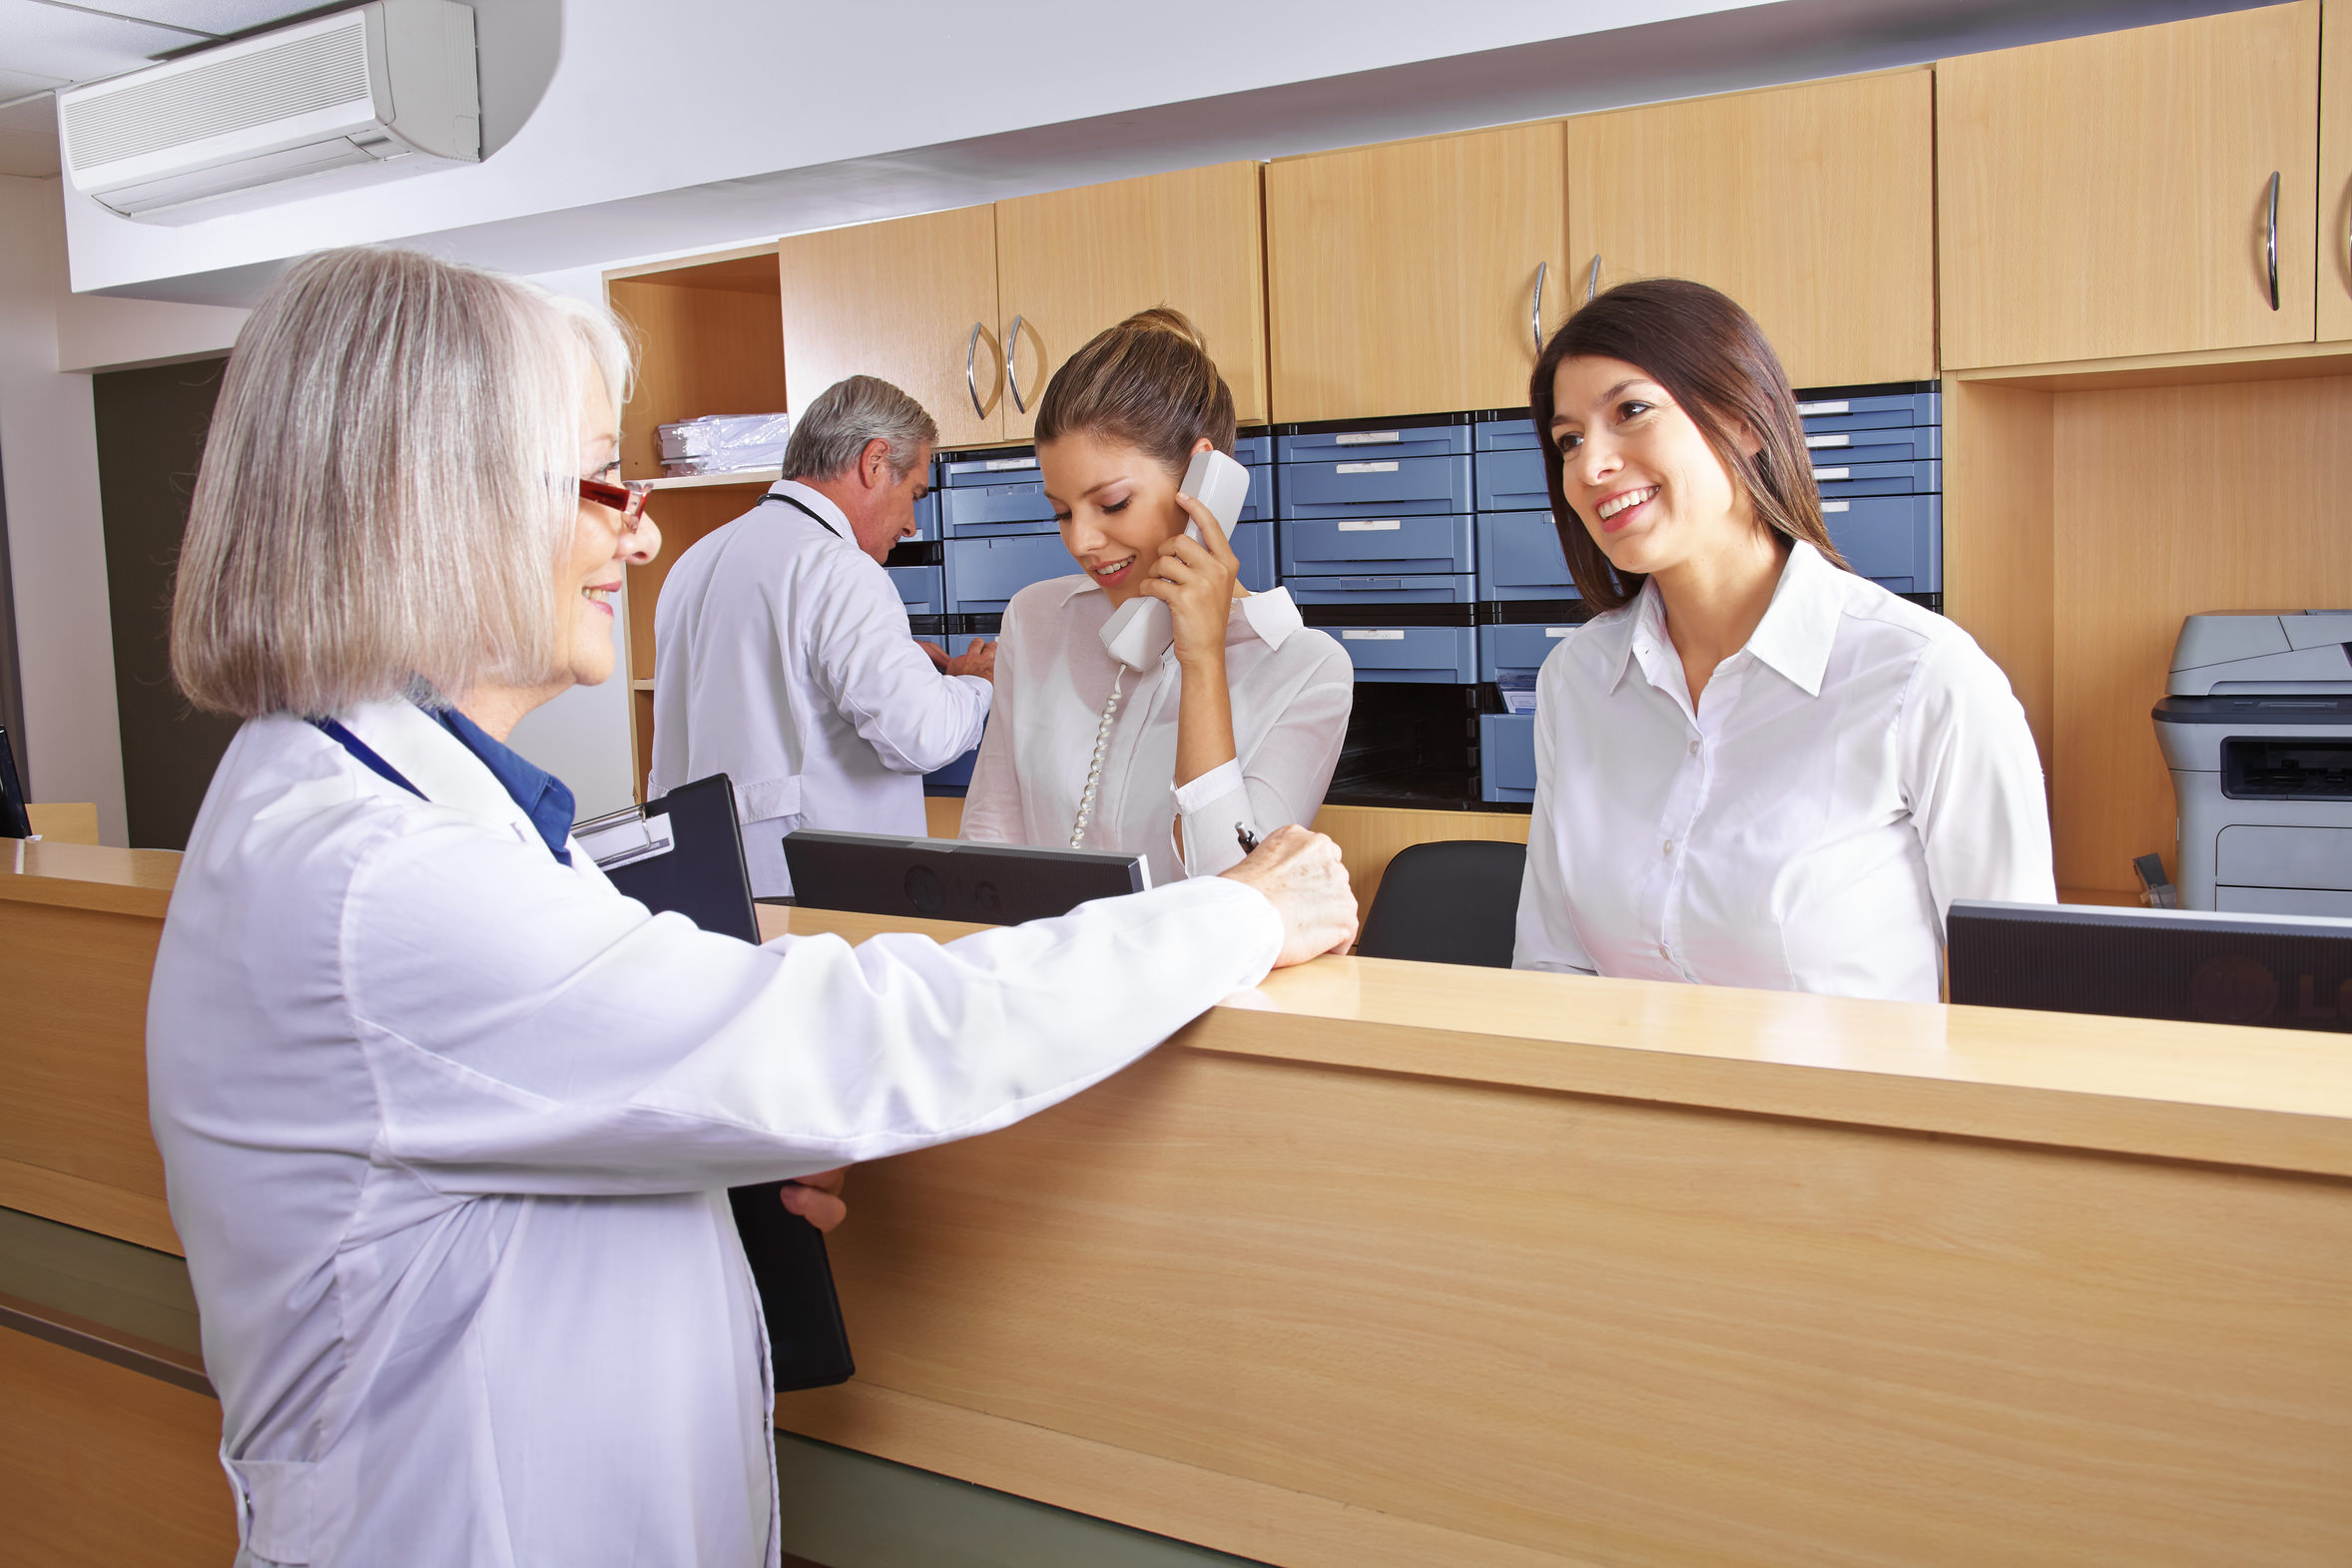 Ein erfolgreiches Team in der Arztpraxis